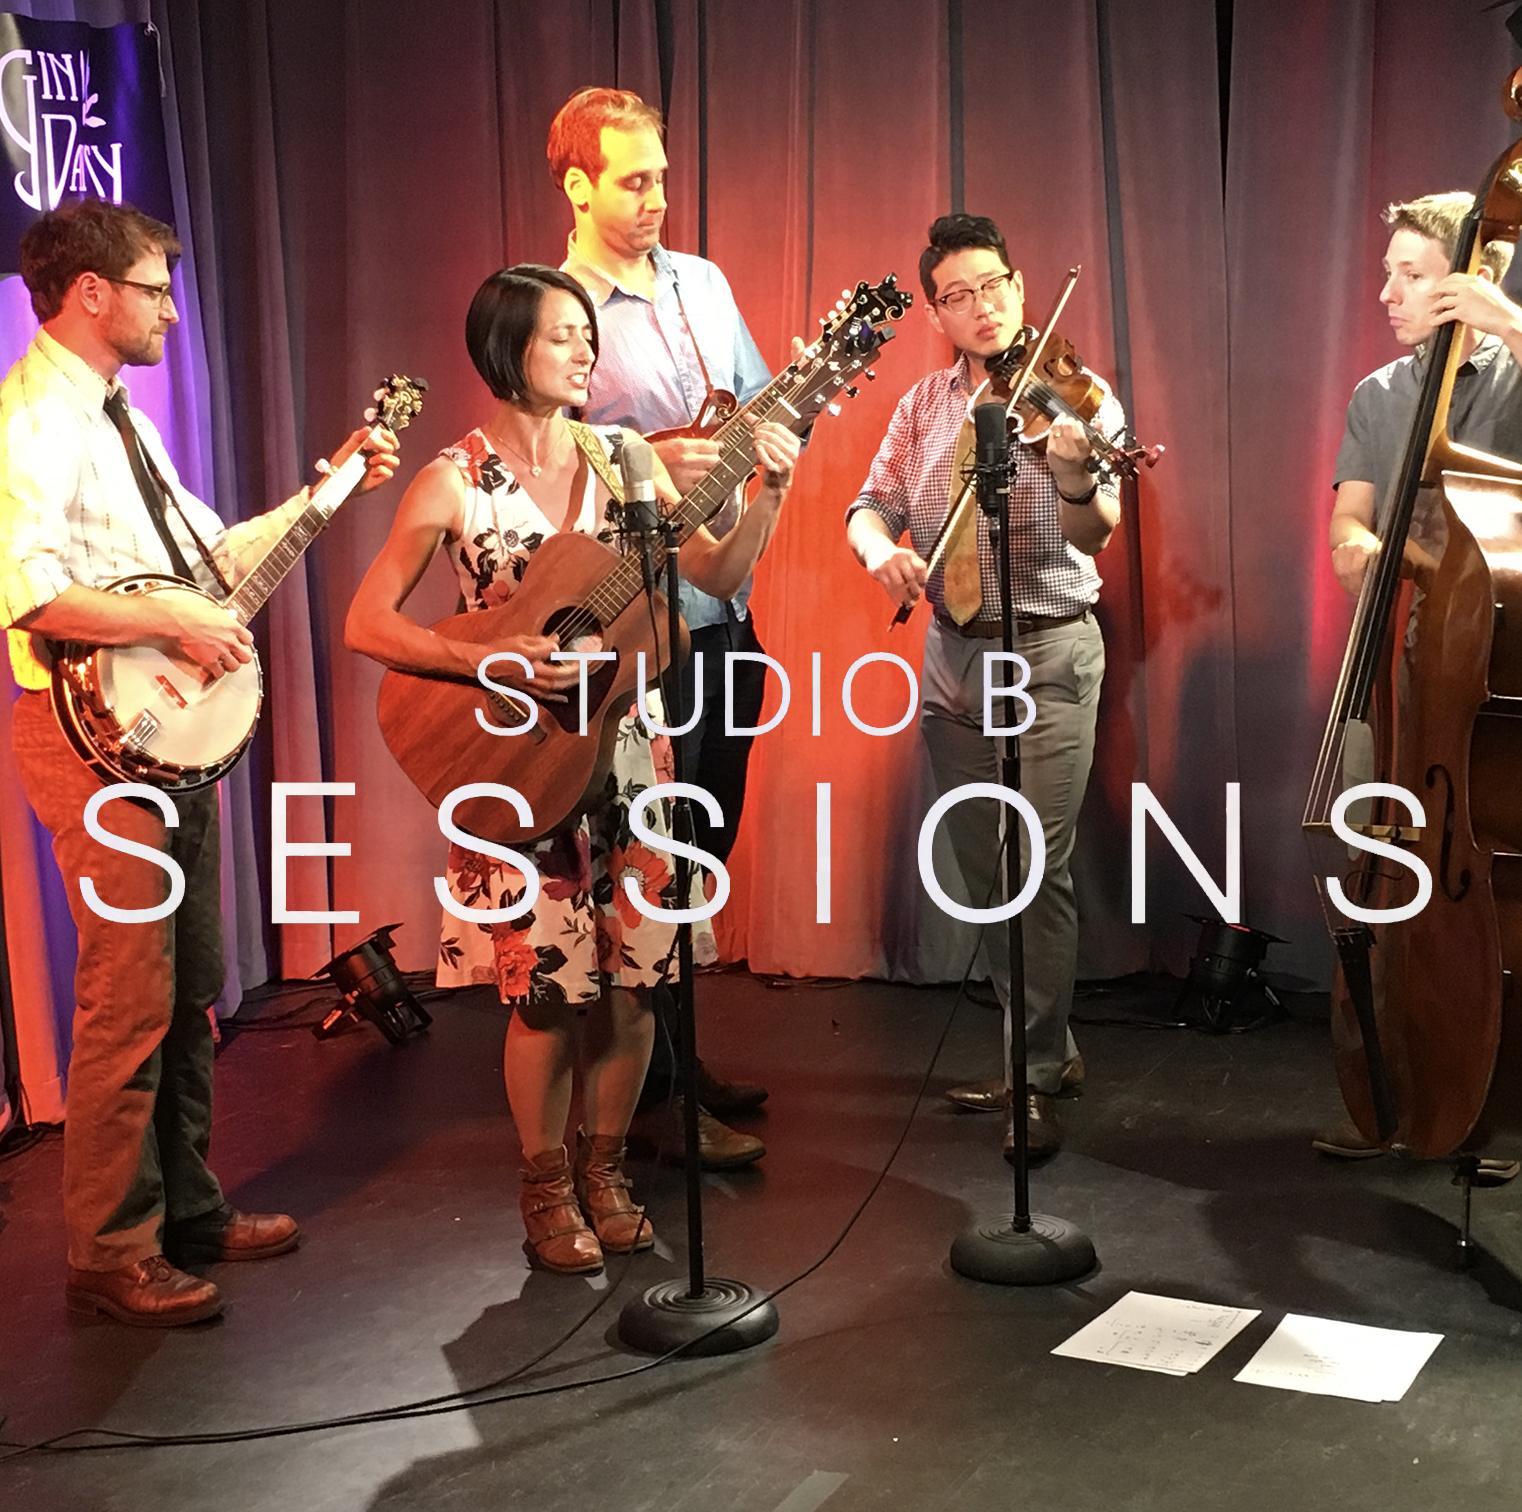 Studio B Sessions